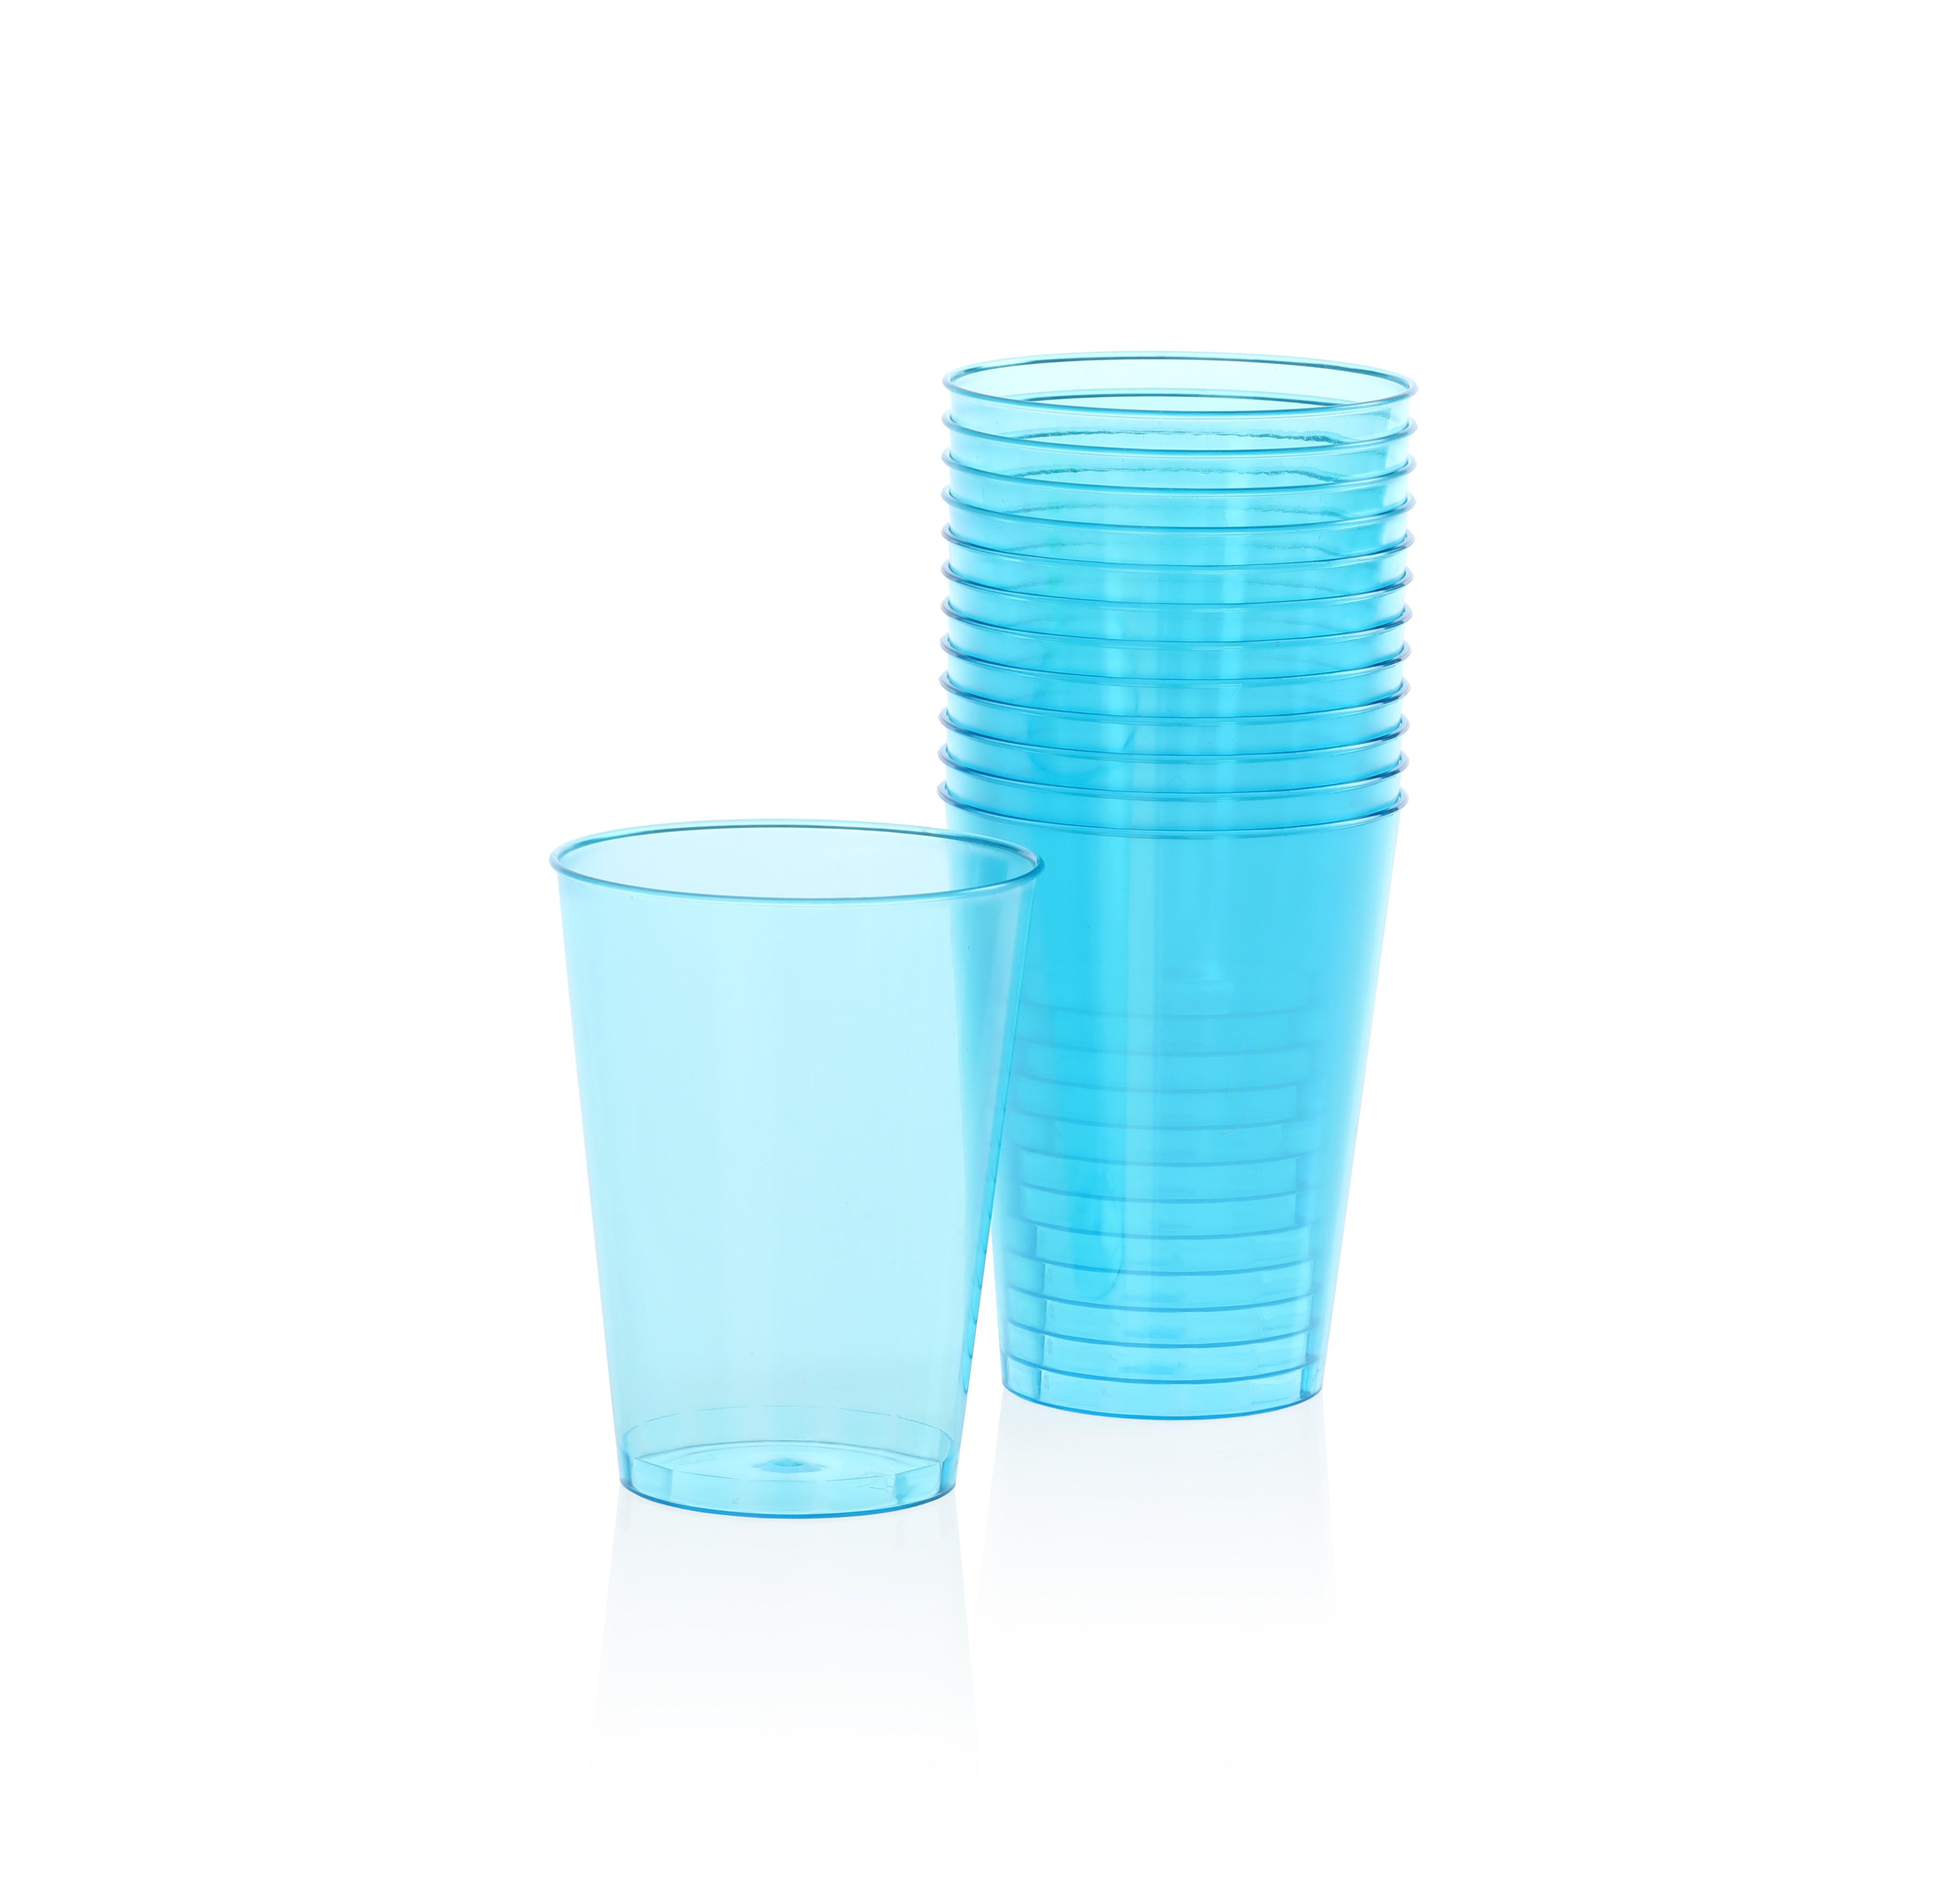 כוס קריסטל קשיחה במיוחד - תכלת